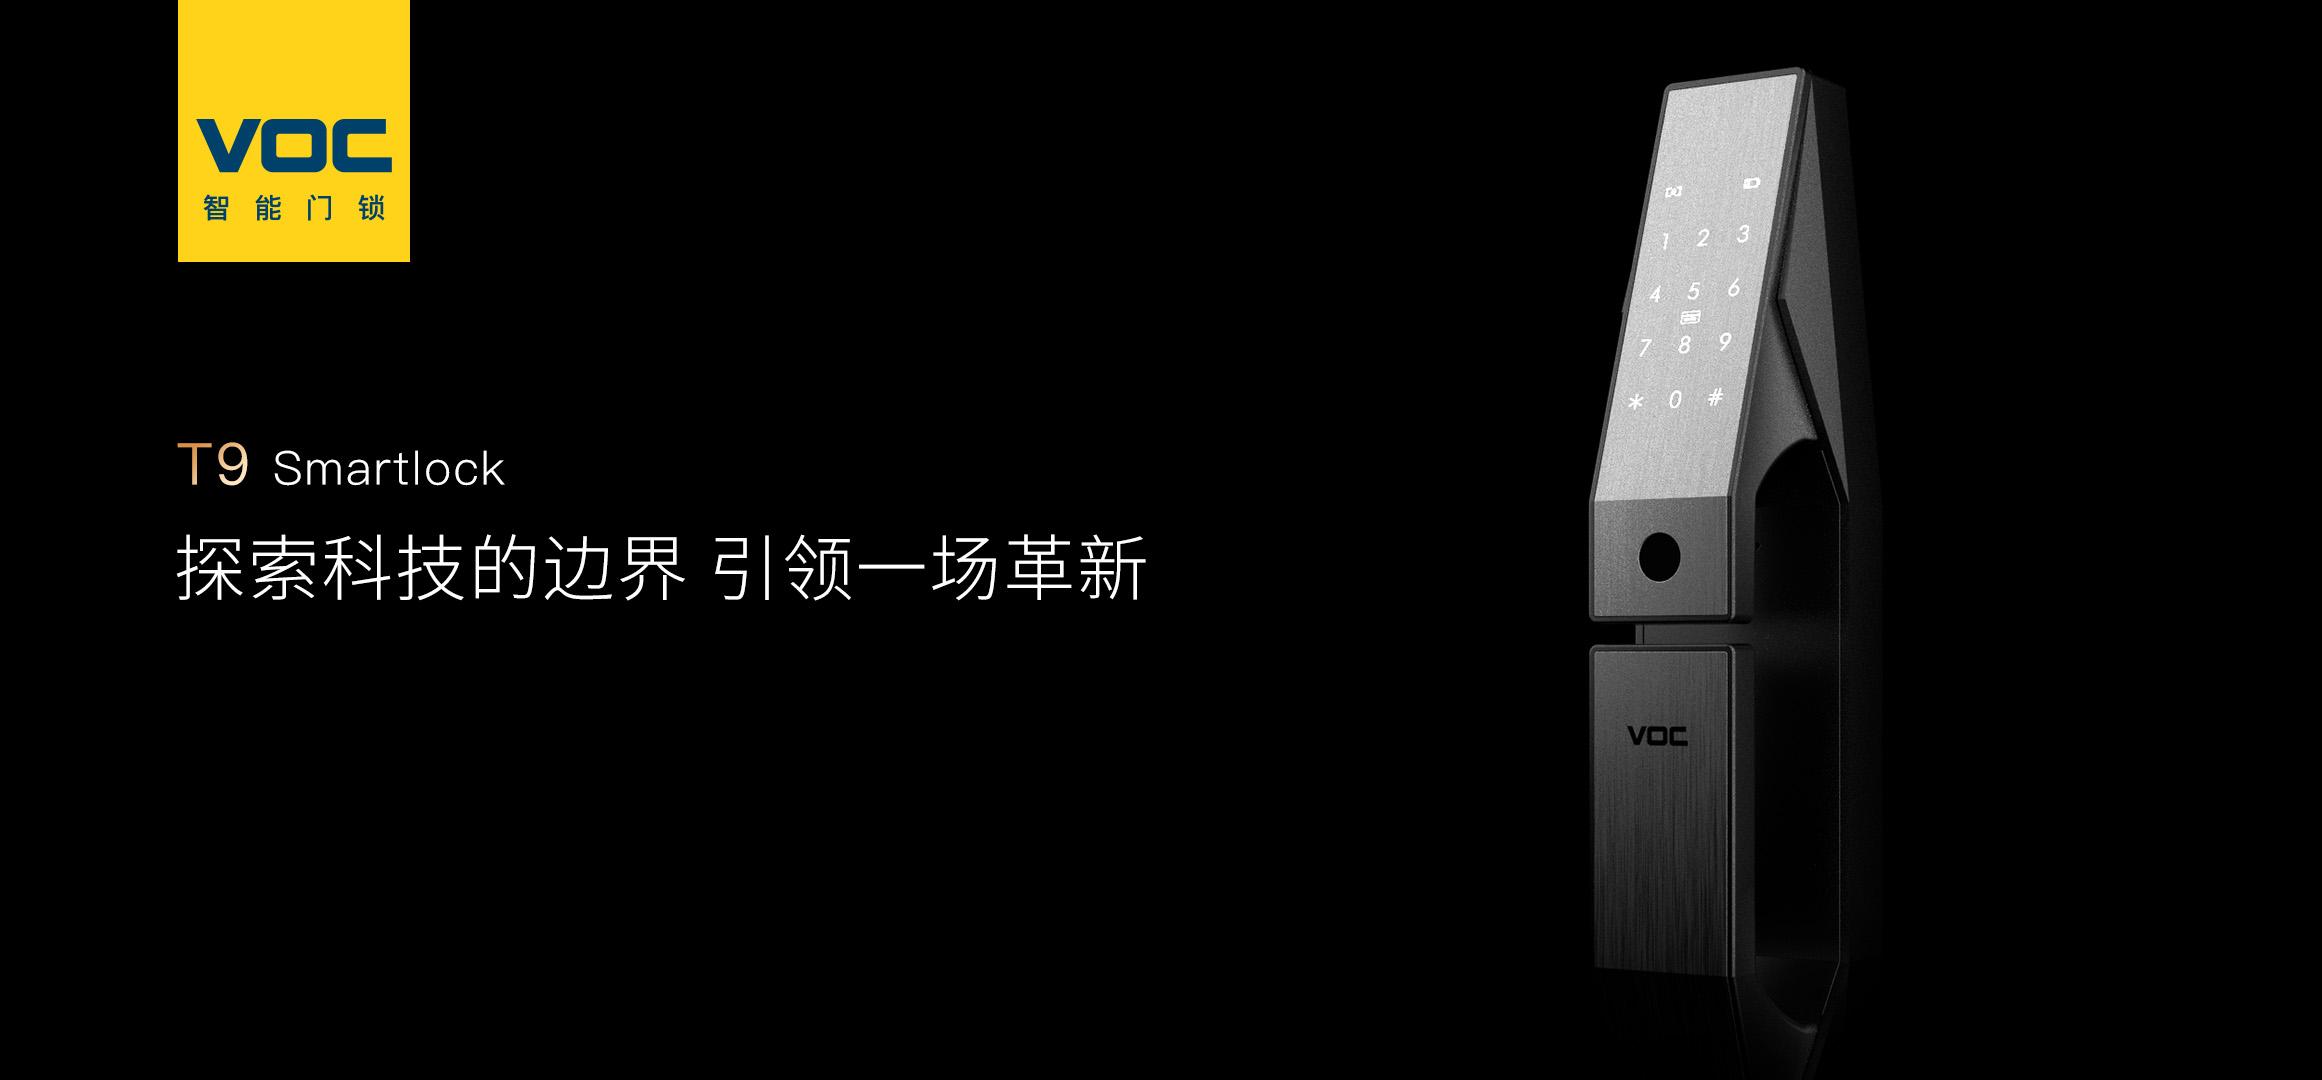 新品来袭|业内首款游离式全自动推拉智能锁全球首发!